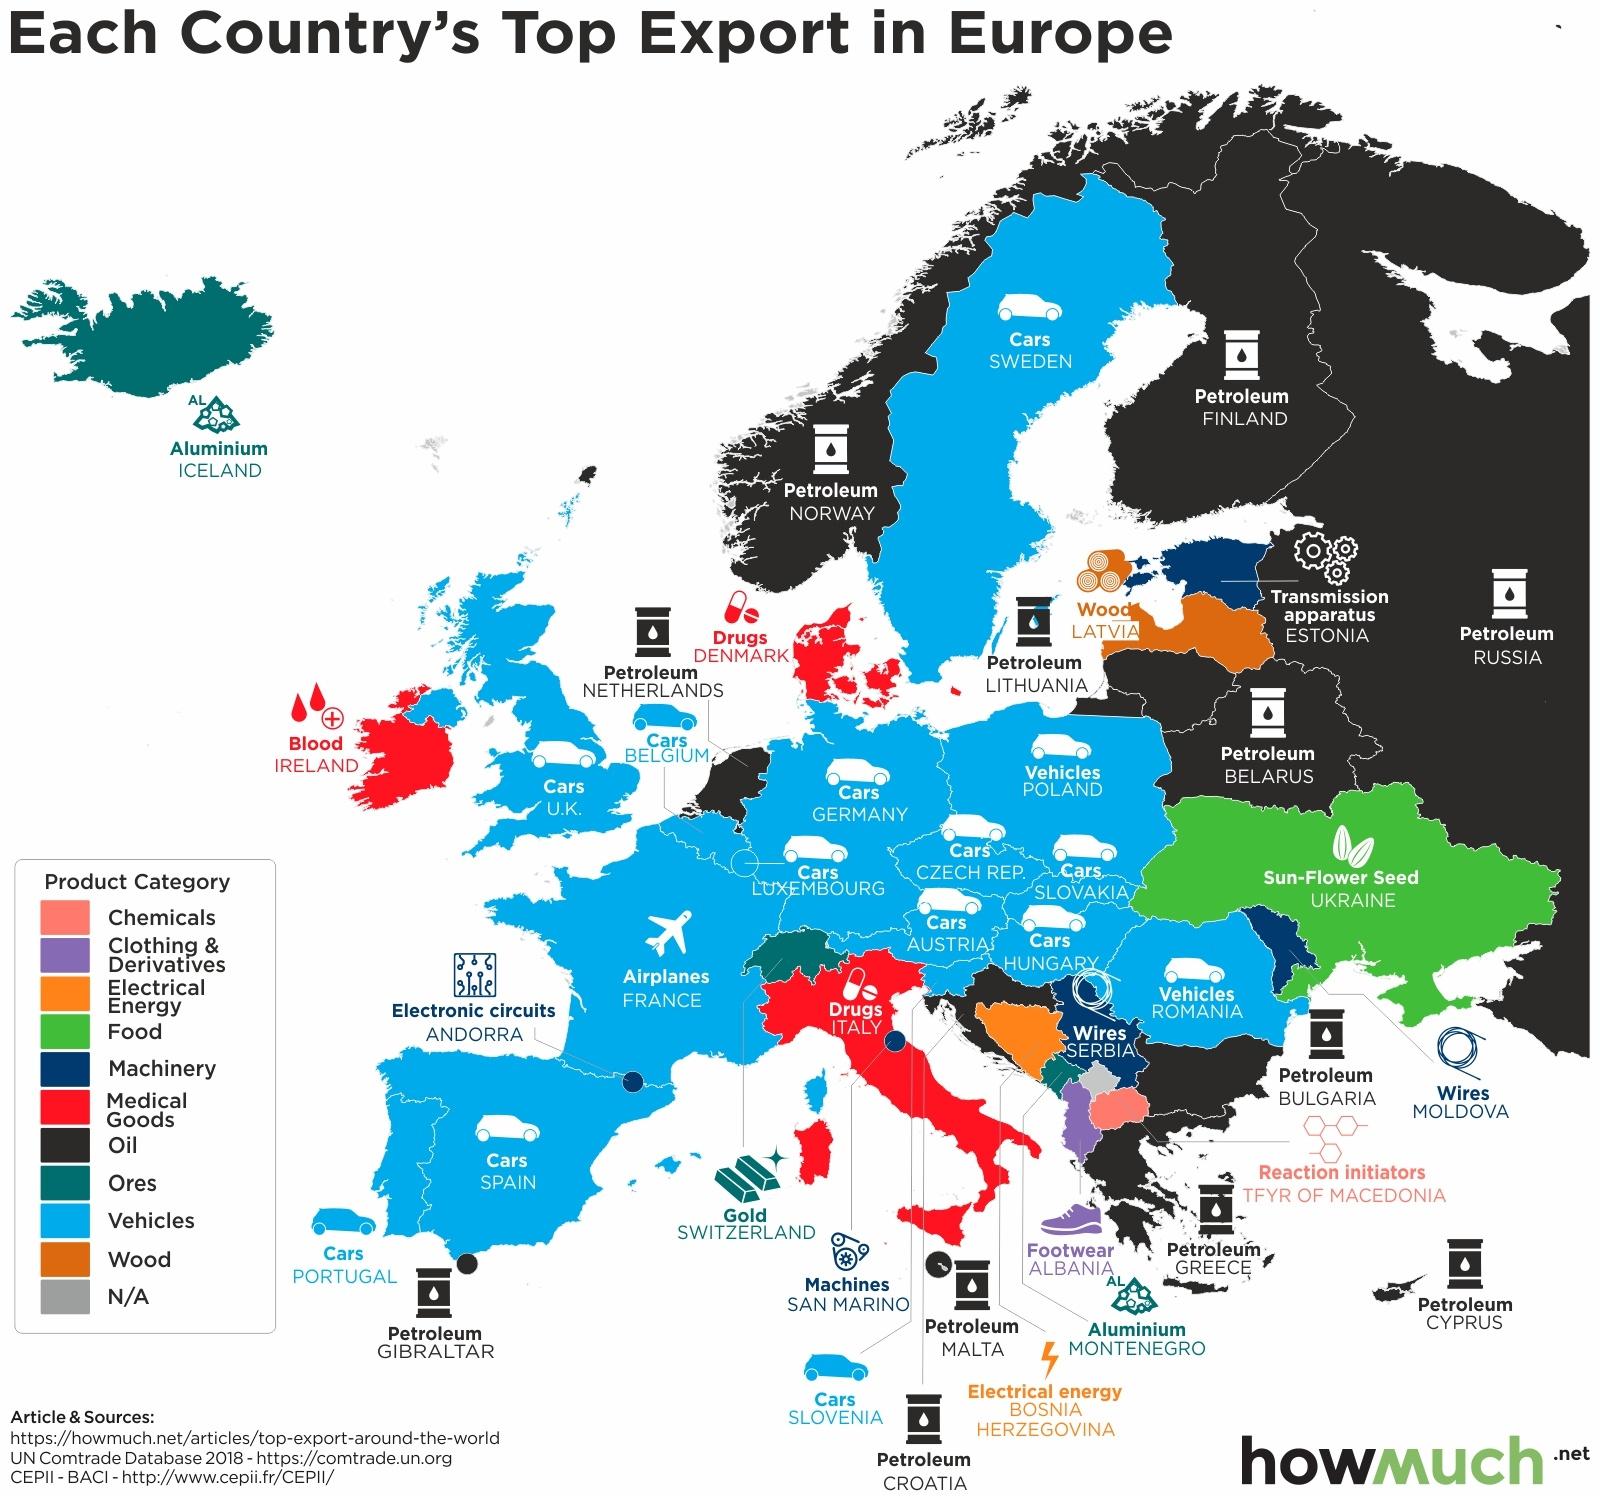 http://cdn.howmuch.net/articles/top-export-around-the-world-%E2%80%93-EUROPE-d27c.jpg